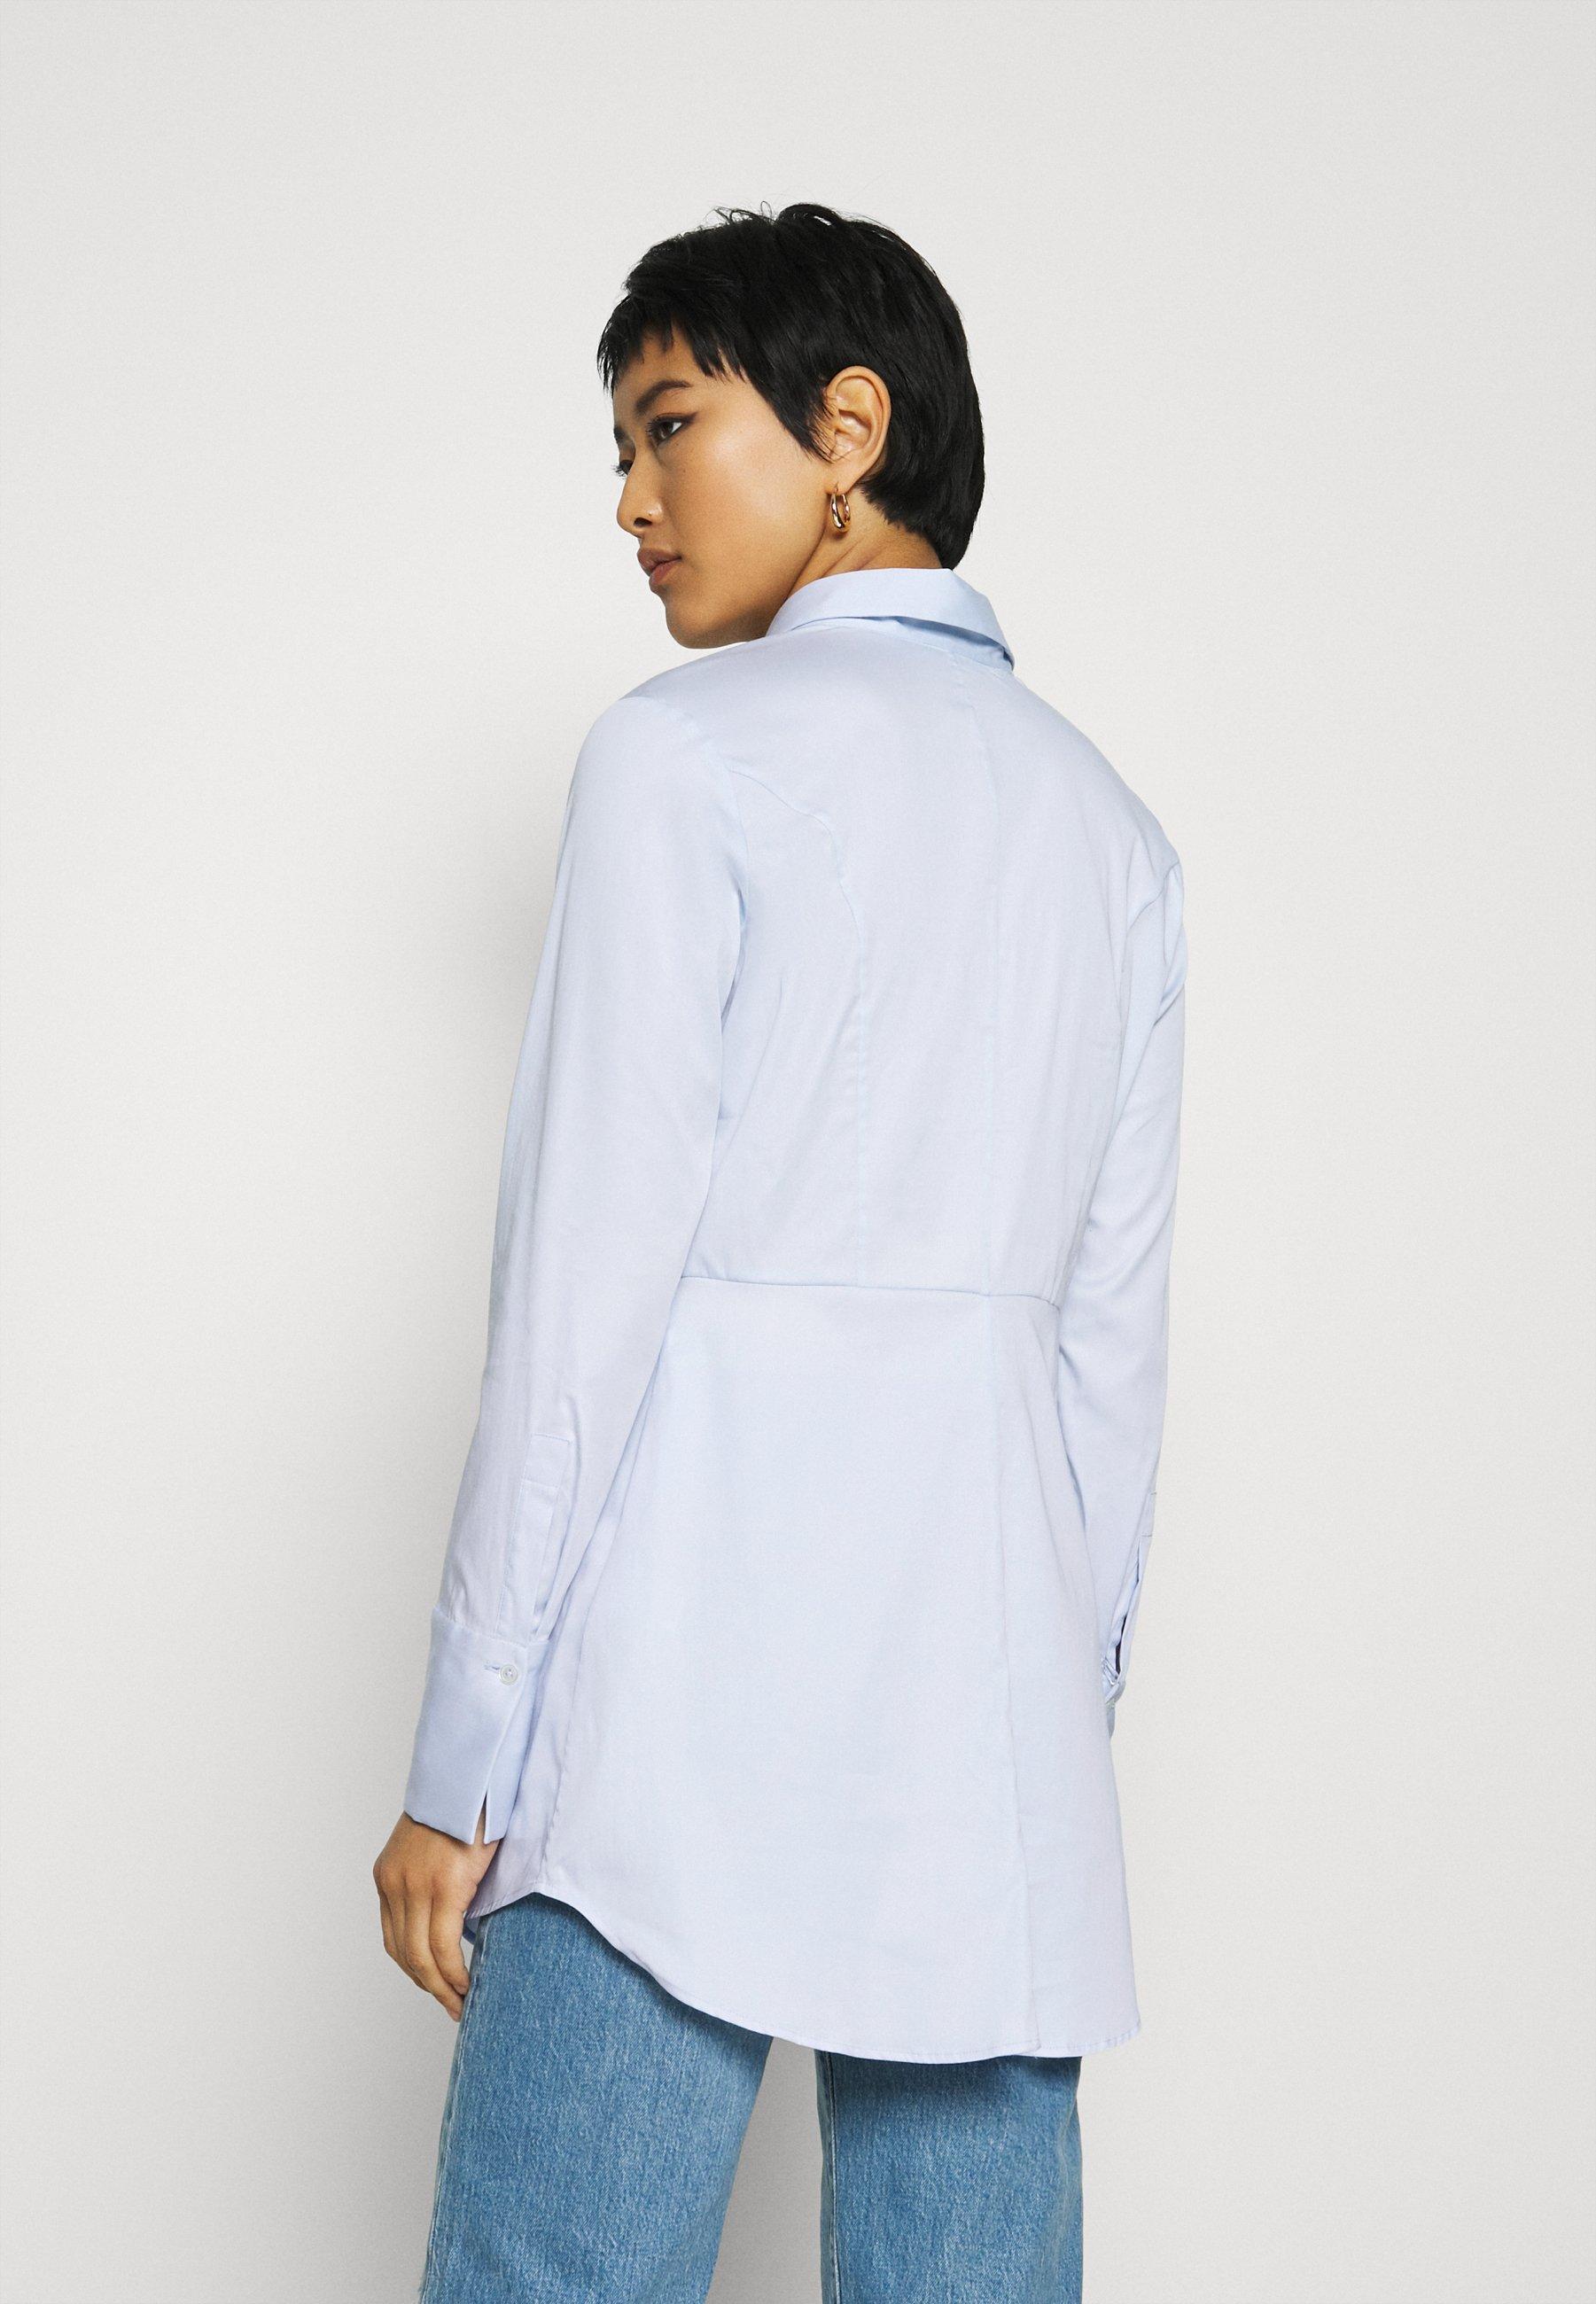 For Sale Women's Clothing van Laack ELLEN Button-down blouse blau YfX0PhtCL